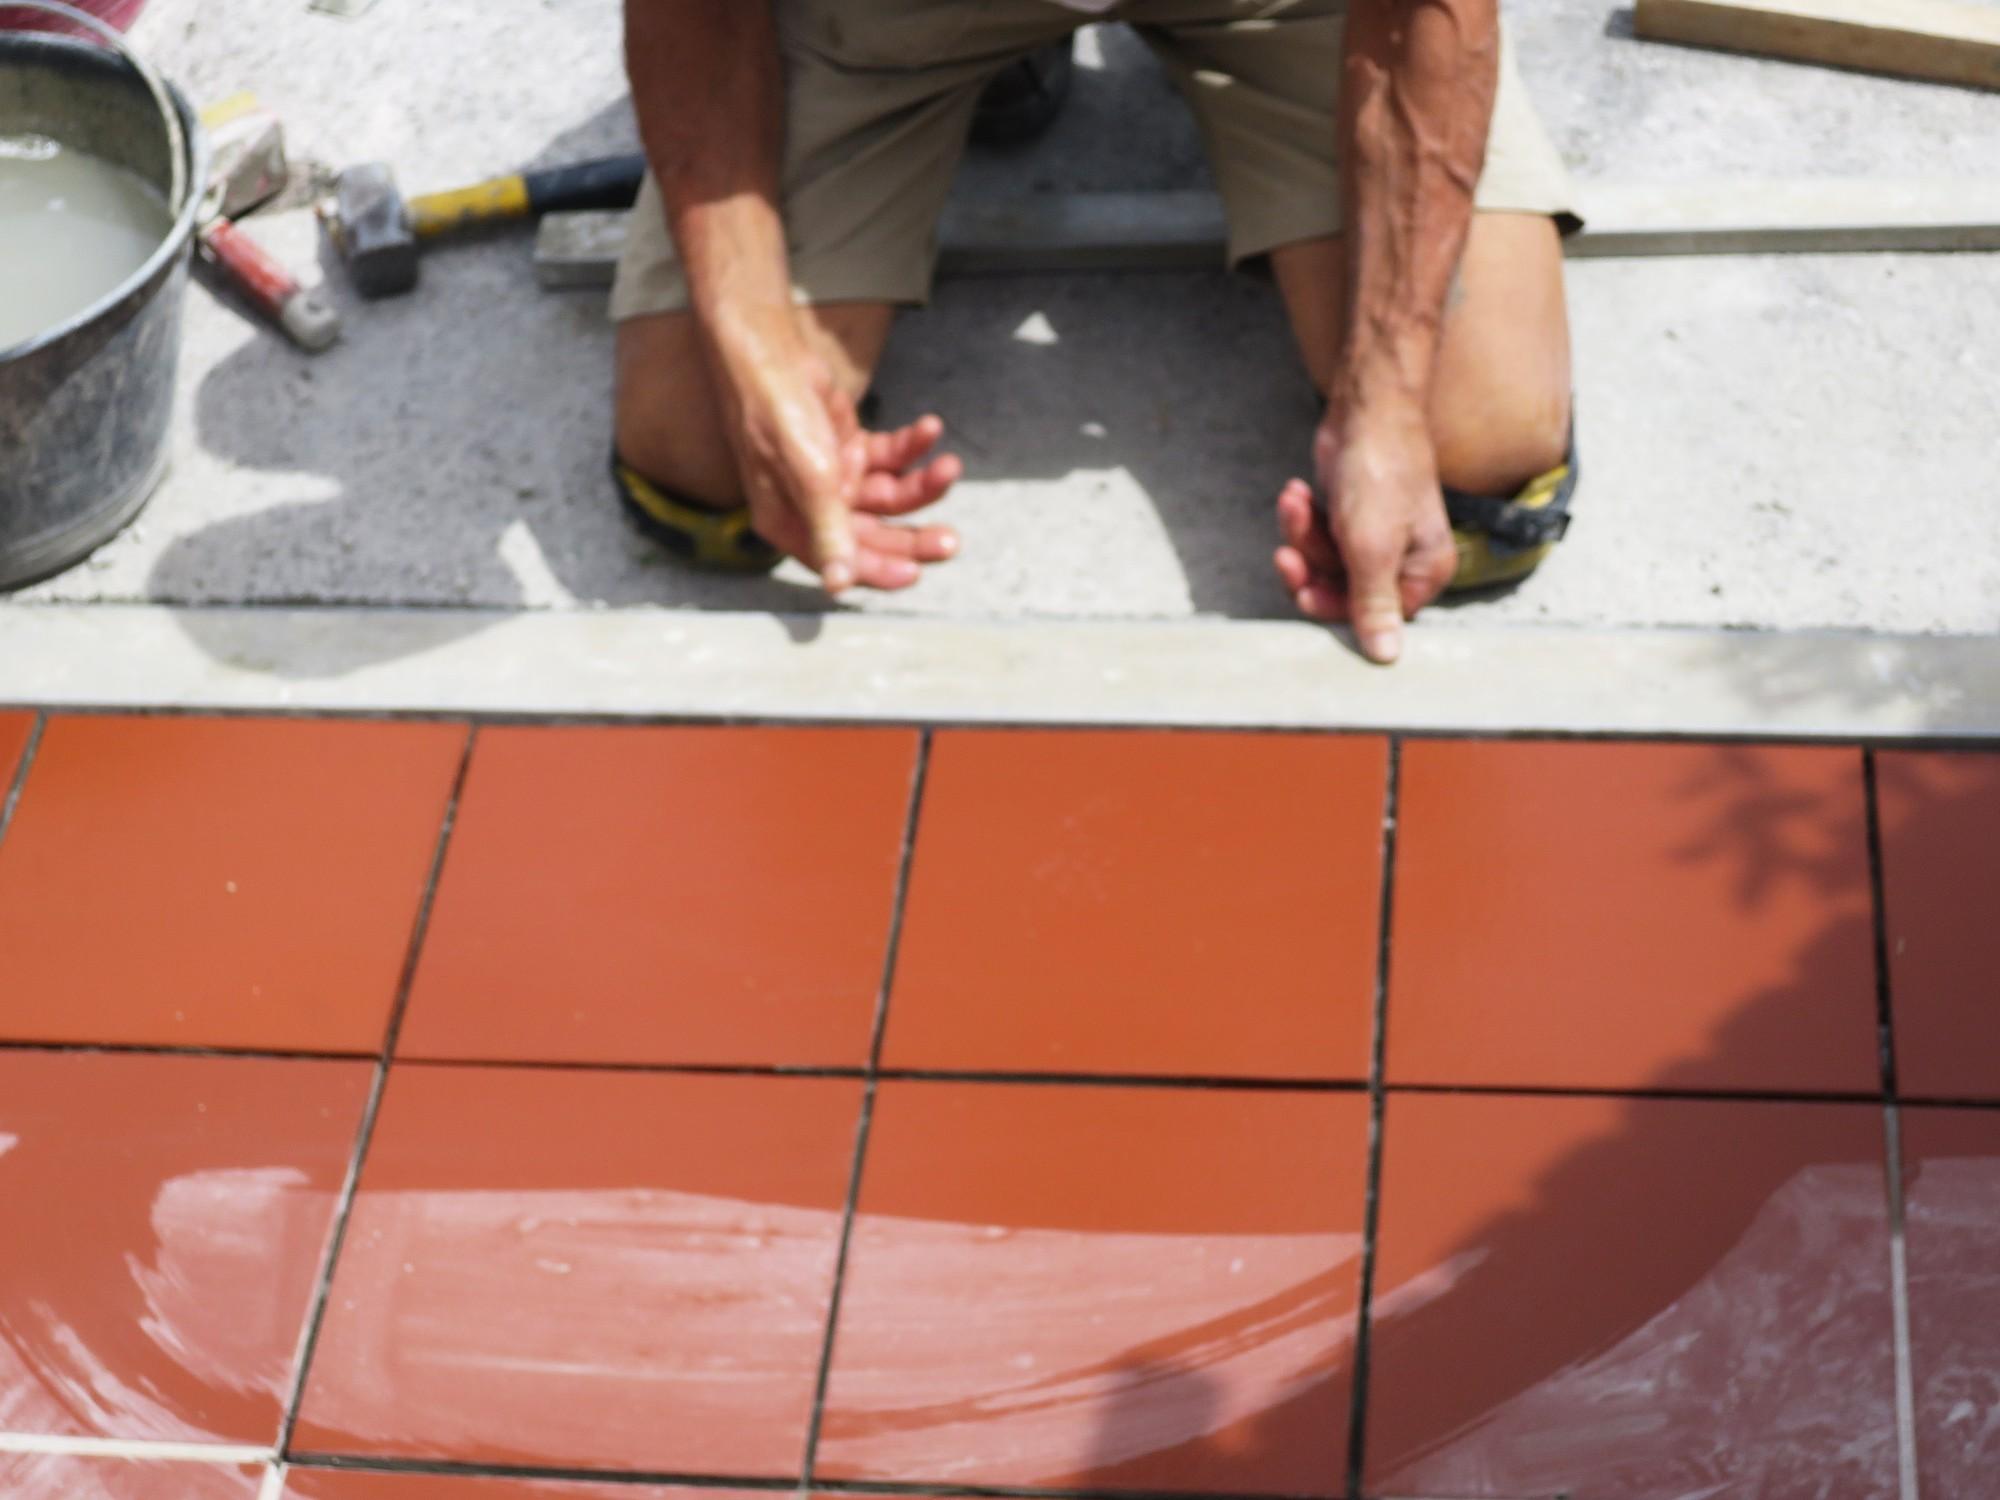 Radiant Heat And Ceramic Floor Tile